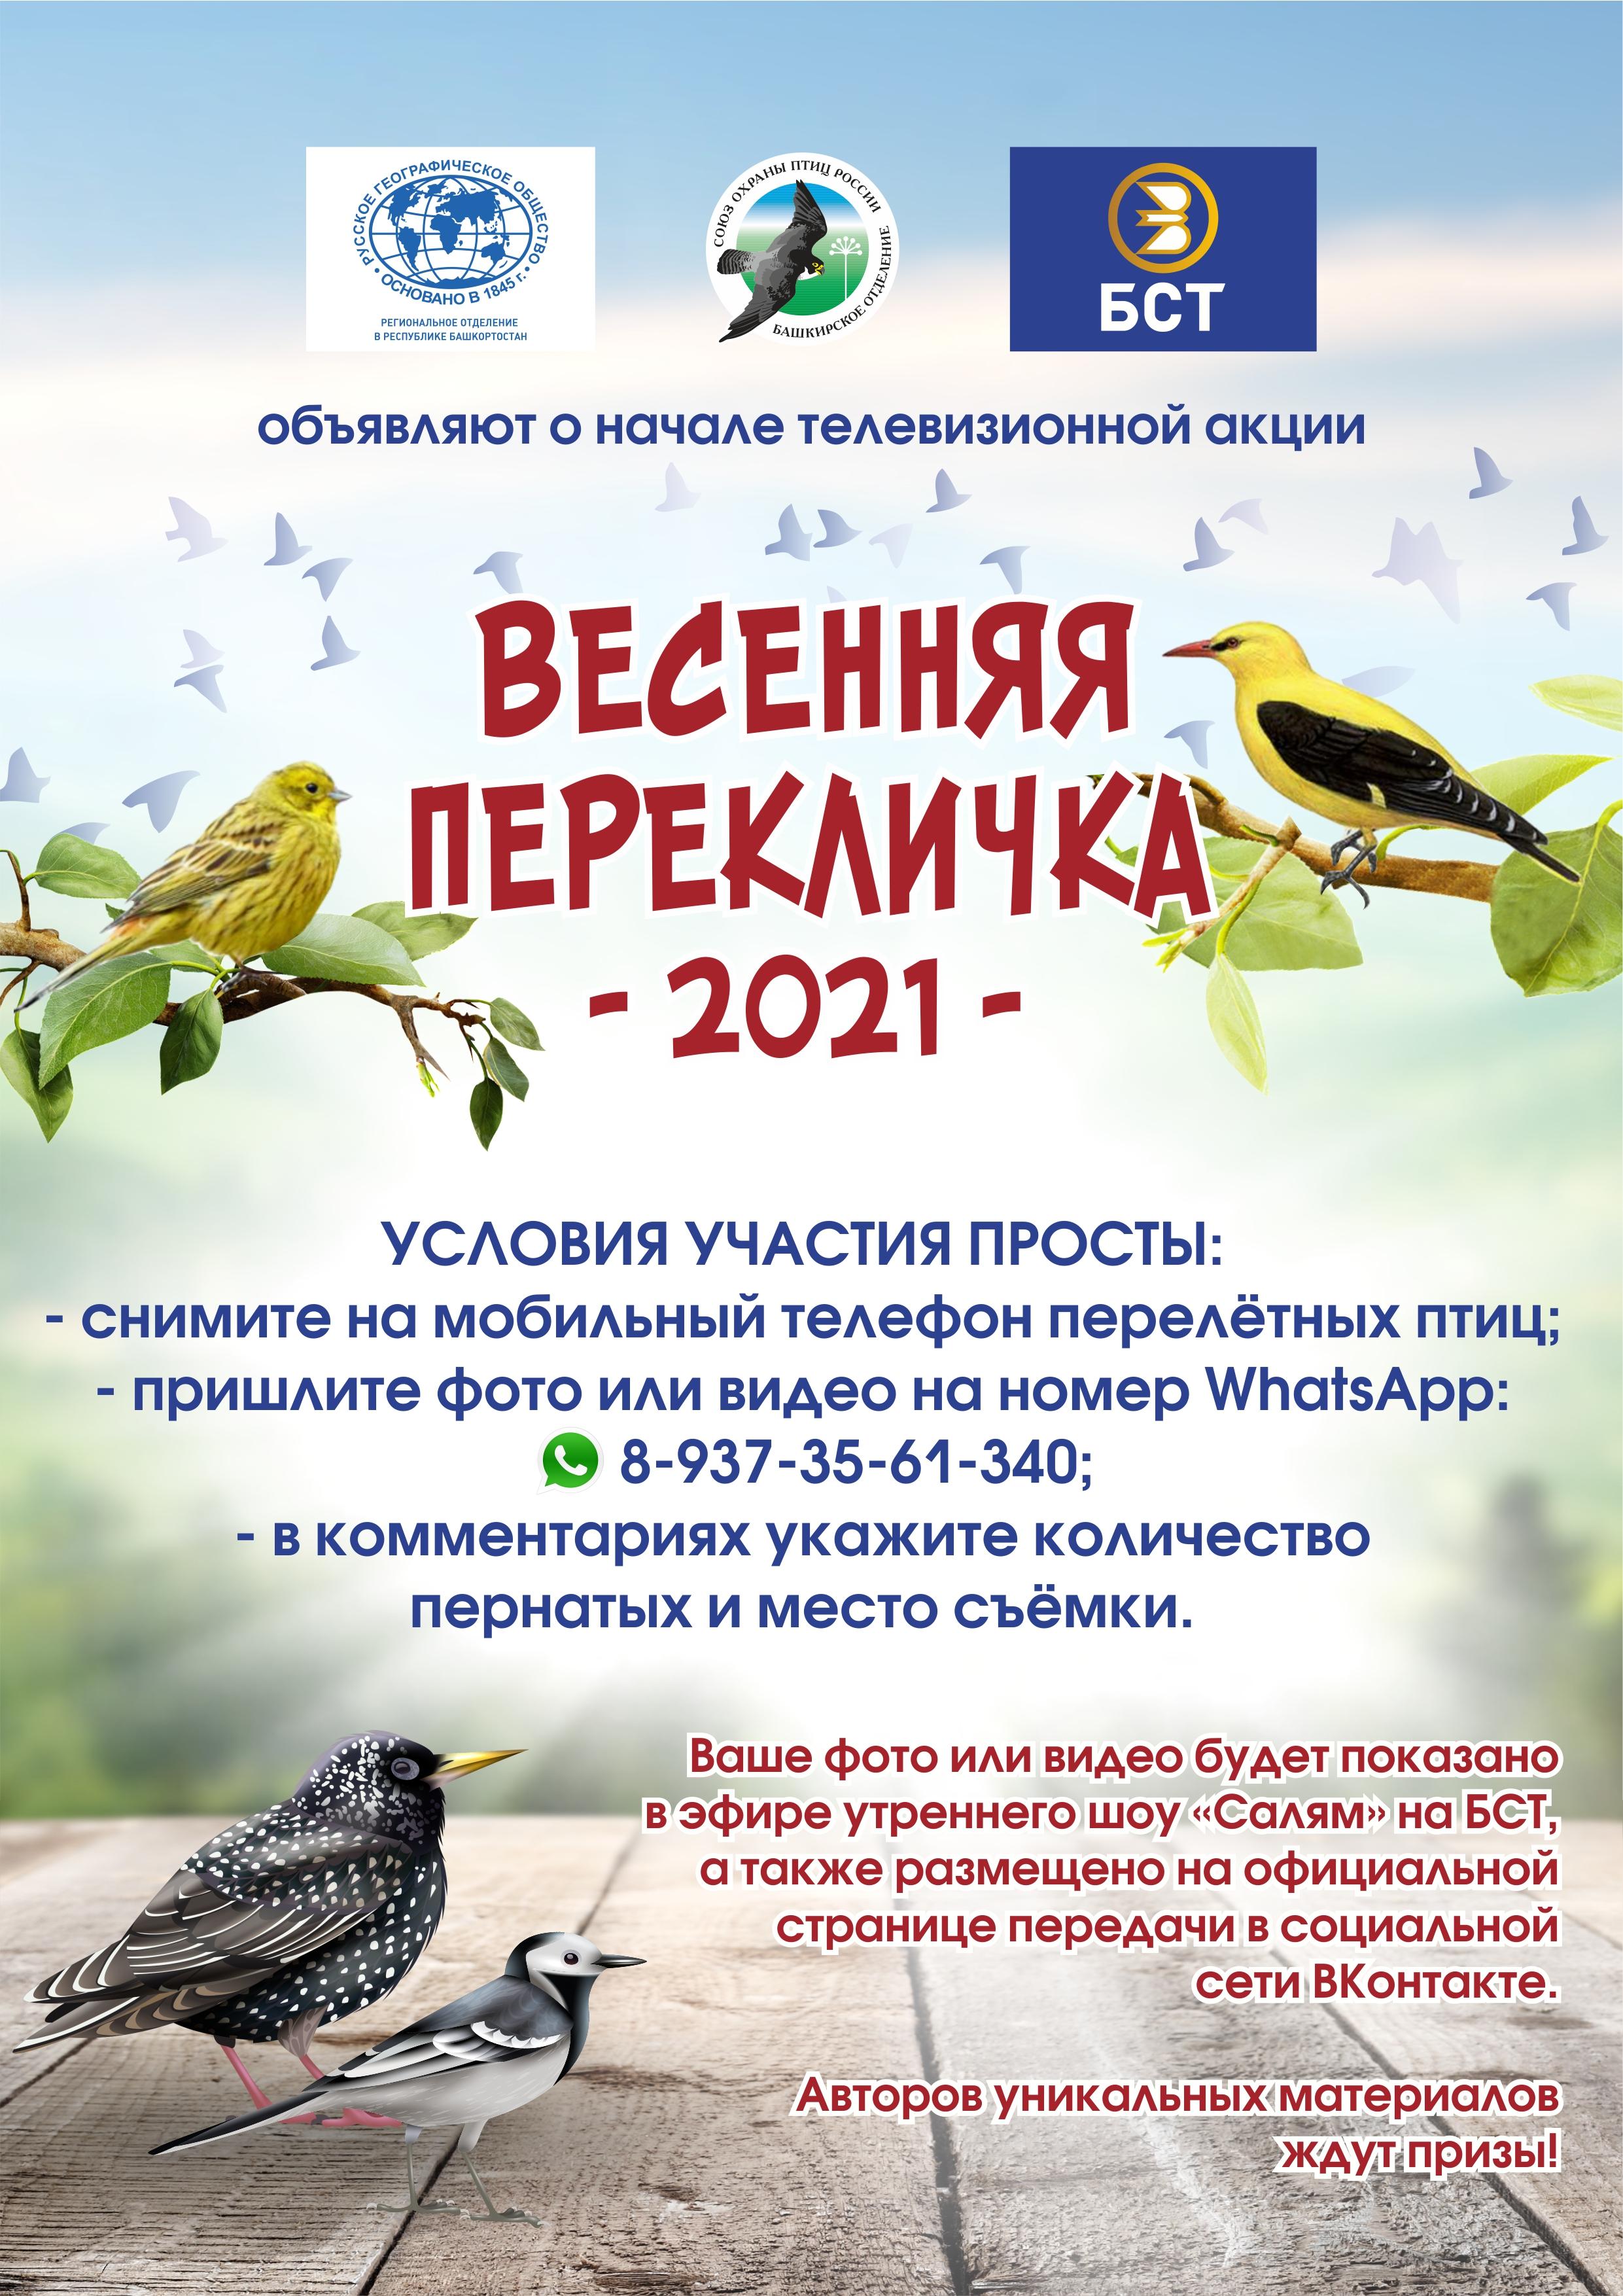 Итоги Всероссийской акции «Серая шейка-2021»  в Республике Башкортостан